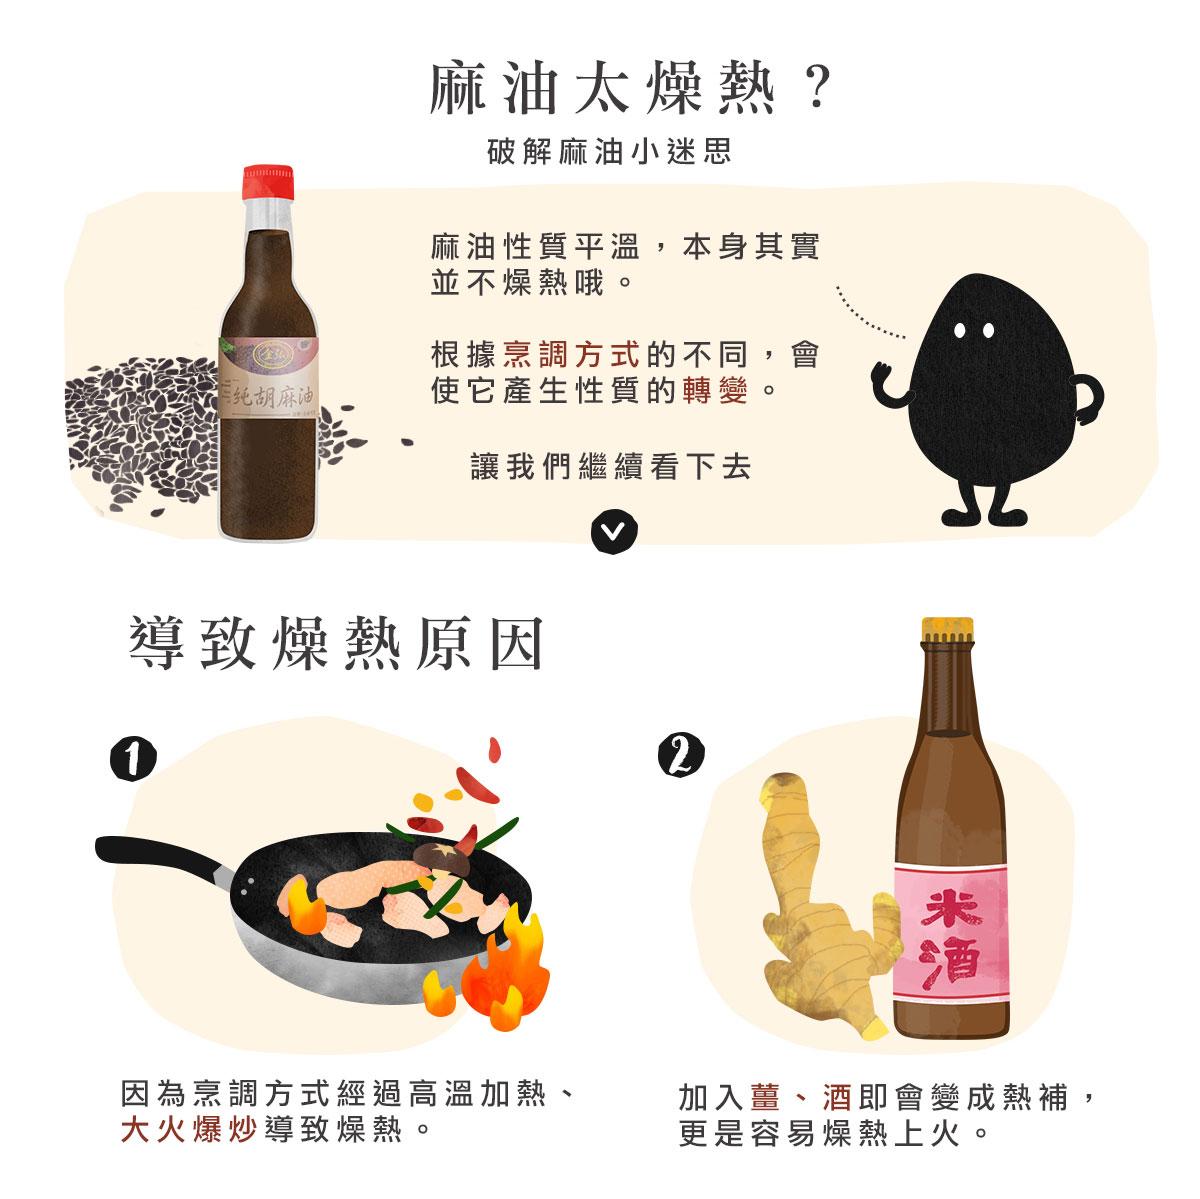 麻油本身其實並不燥熱。 燥熱的原因是因為我們麻油料理多是因為烹調經過高溫加熱、大火爆炒導致燥熱,或者是常加入薑、酒即會變成熱補,在芝麻製油過程中若是過度焙炒、選擇高溫熱壓也會影響麻油性質,加上煸、煨高溫的烹調方式更是容易燥熱上火。